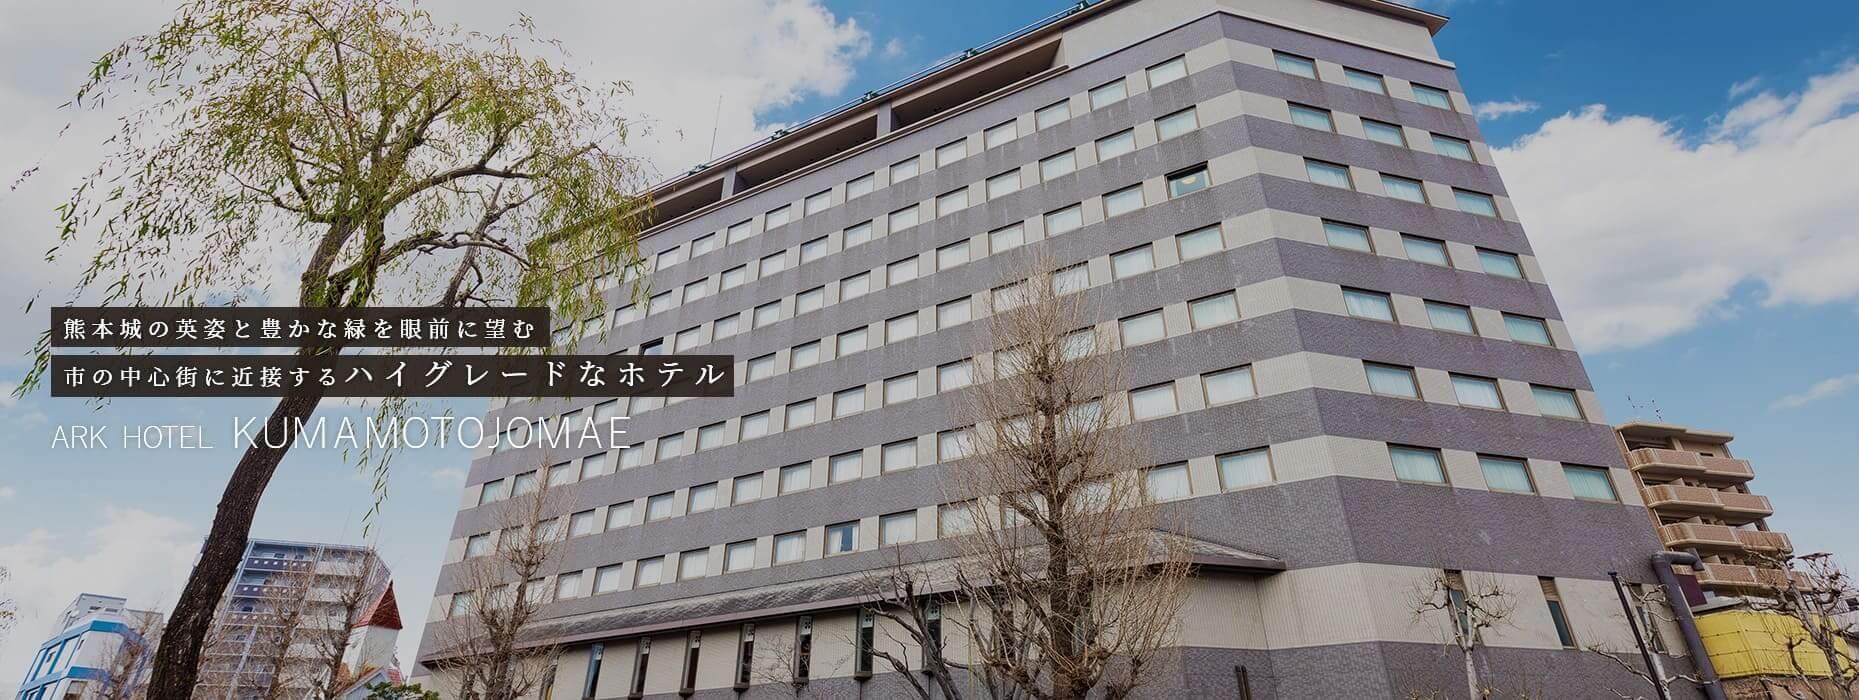 アークホテル熊本城前 宿泊施設 - Tabizi